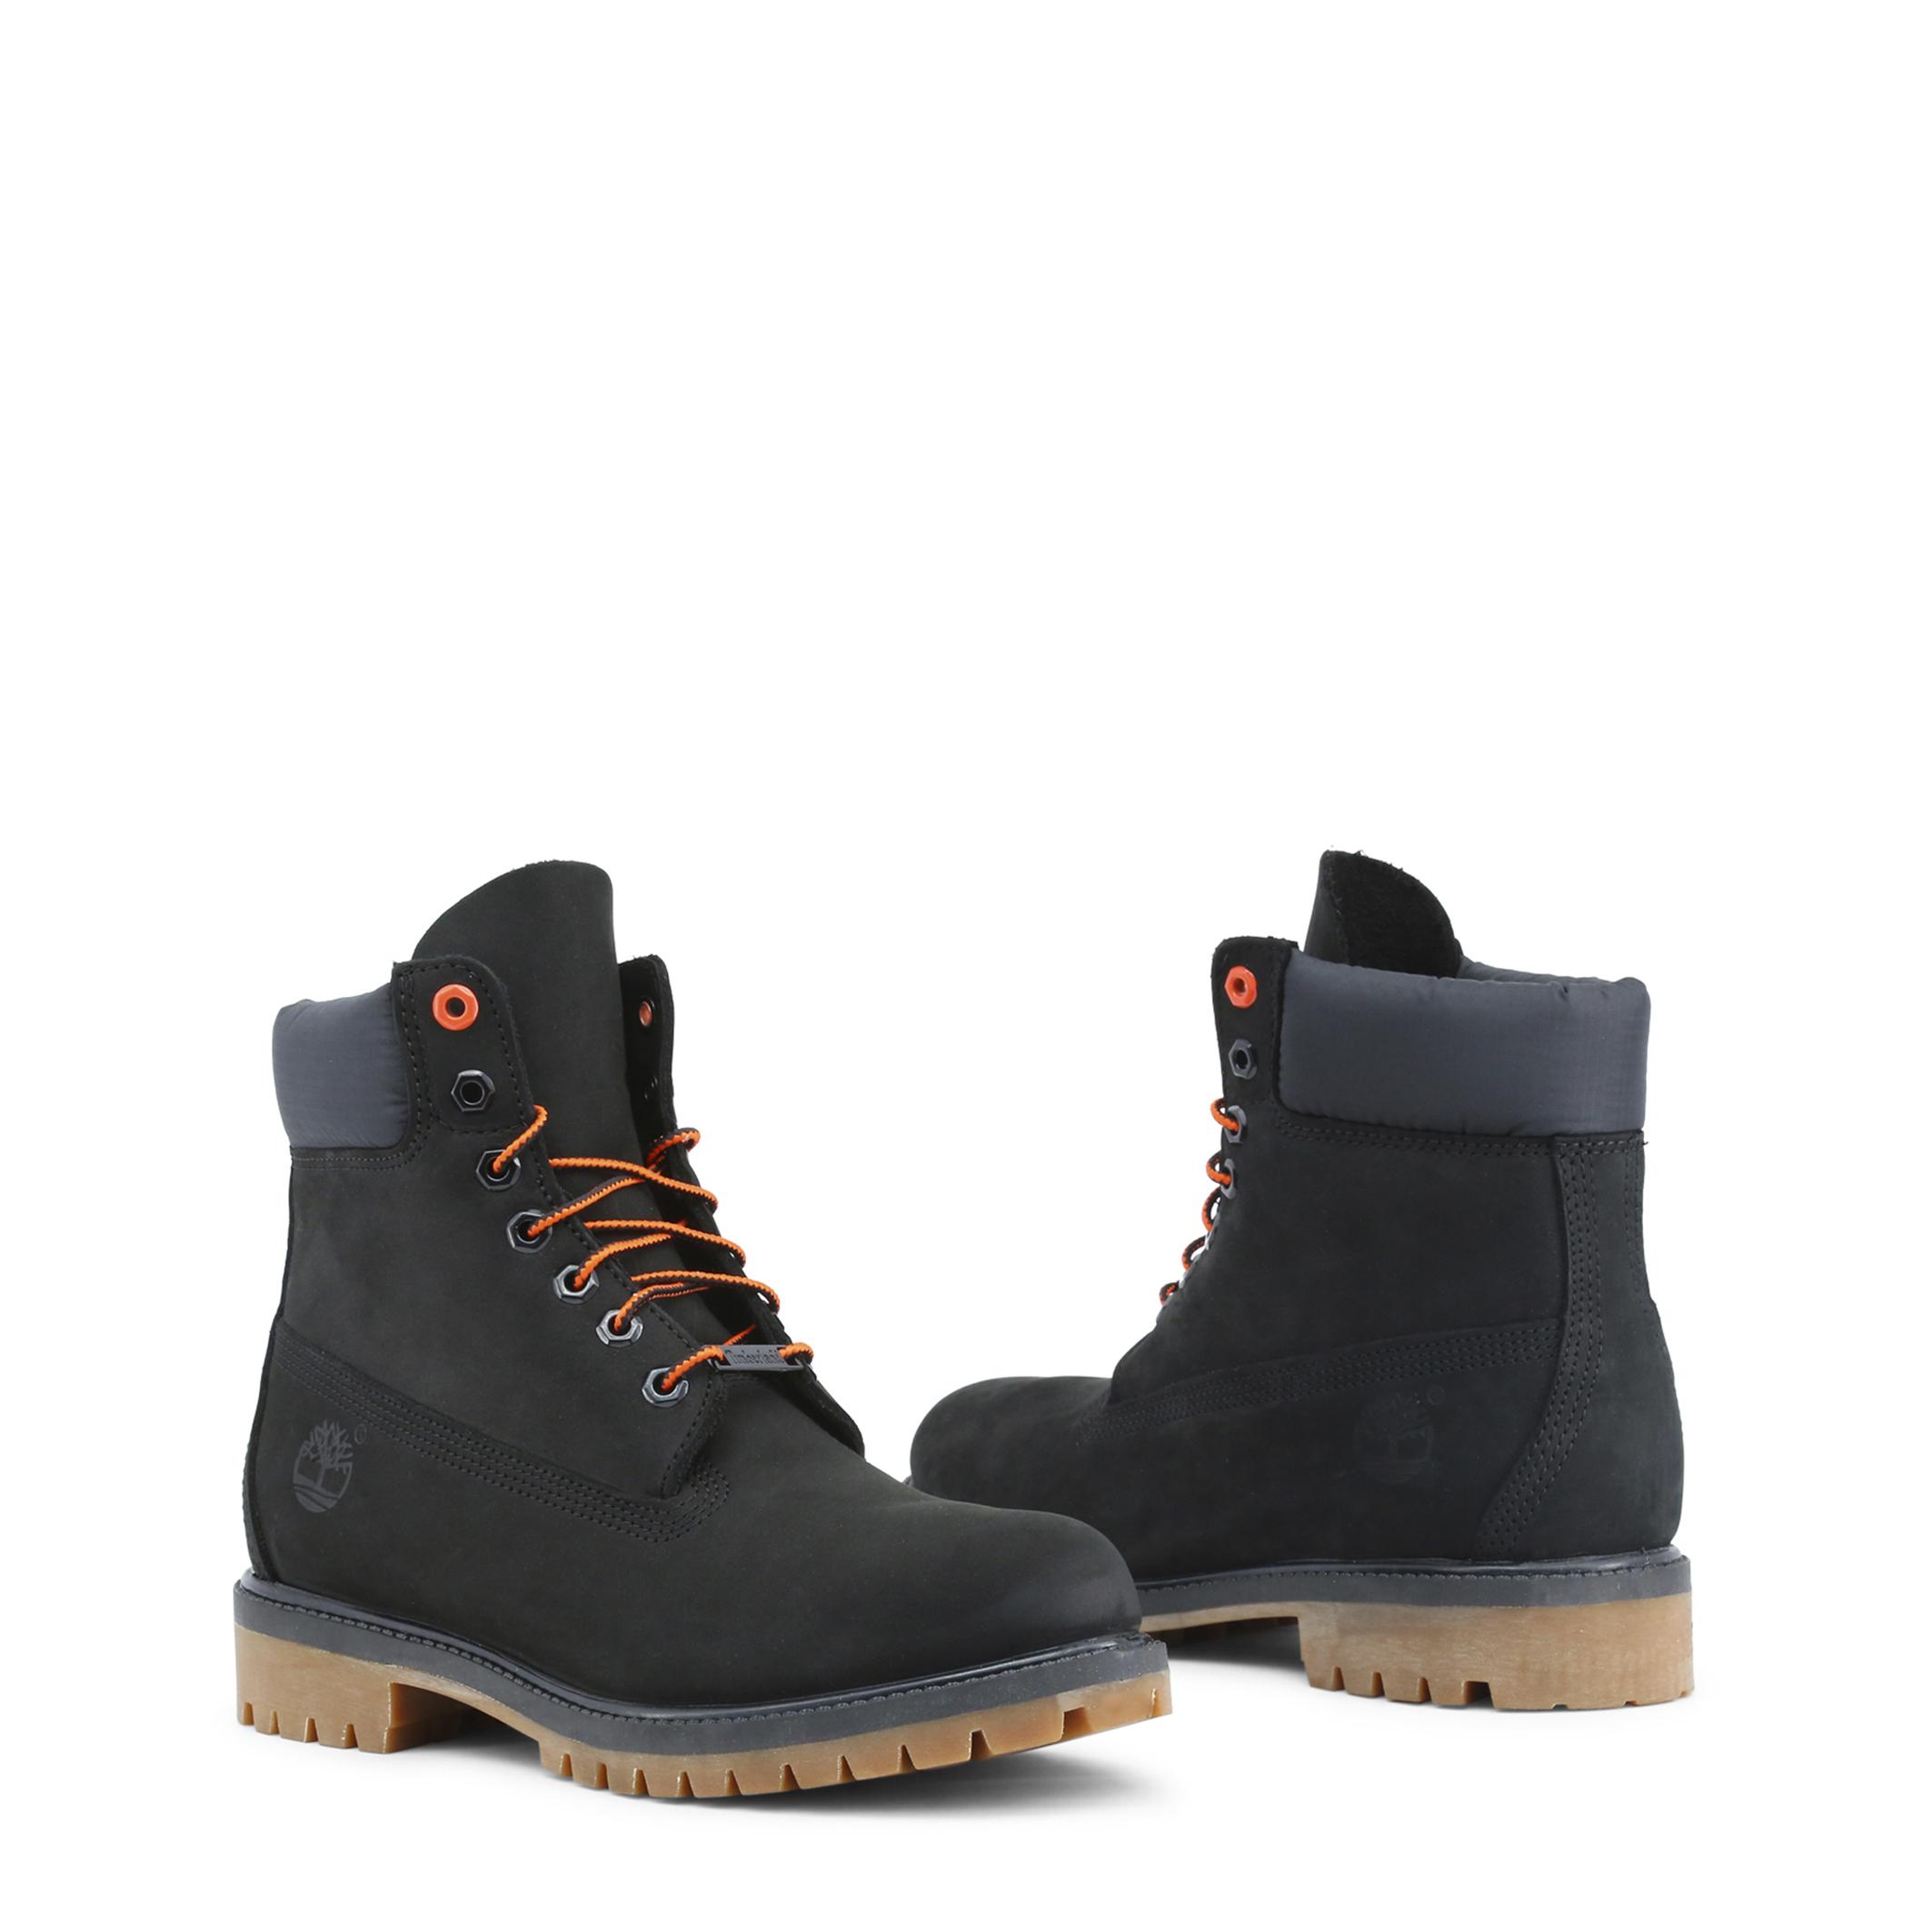 Chaussures   Timberland PREMIUM-BOOT black